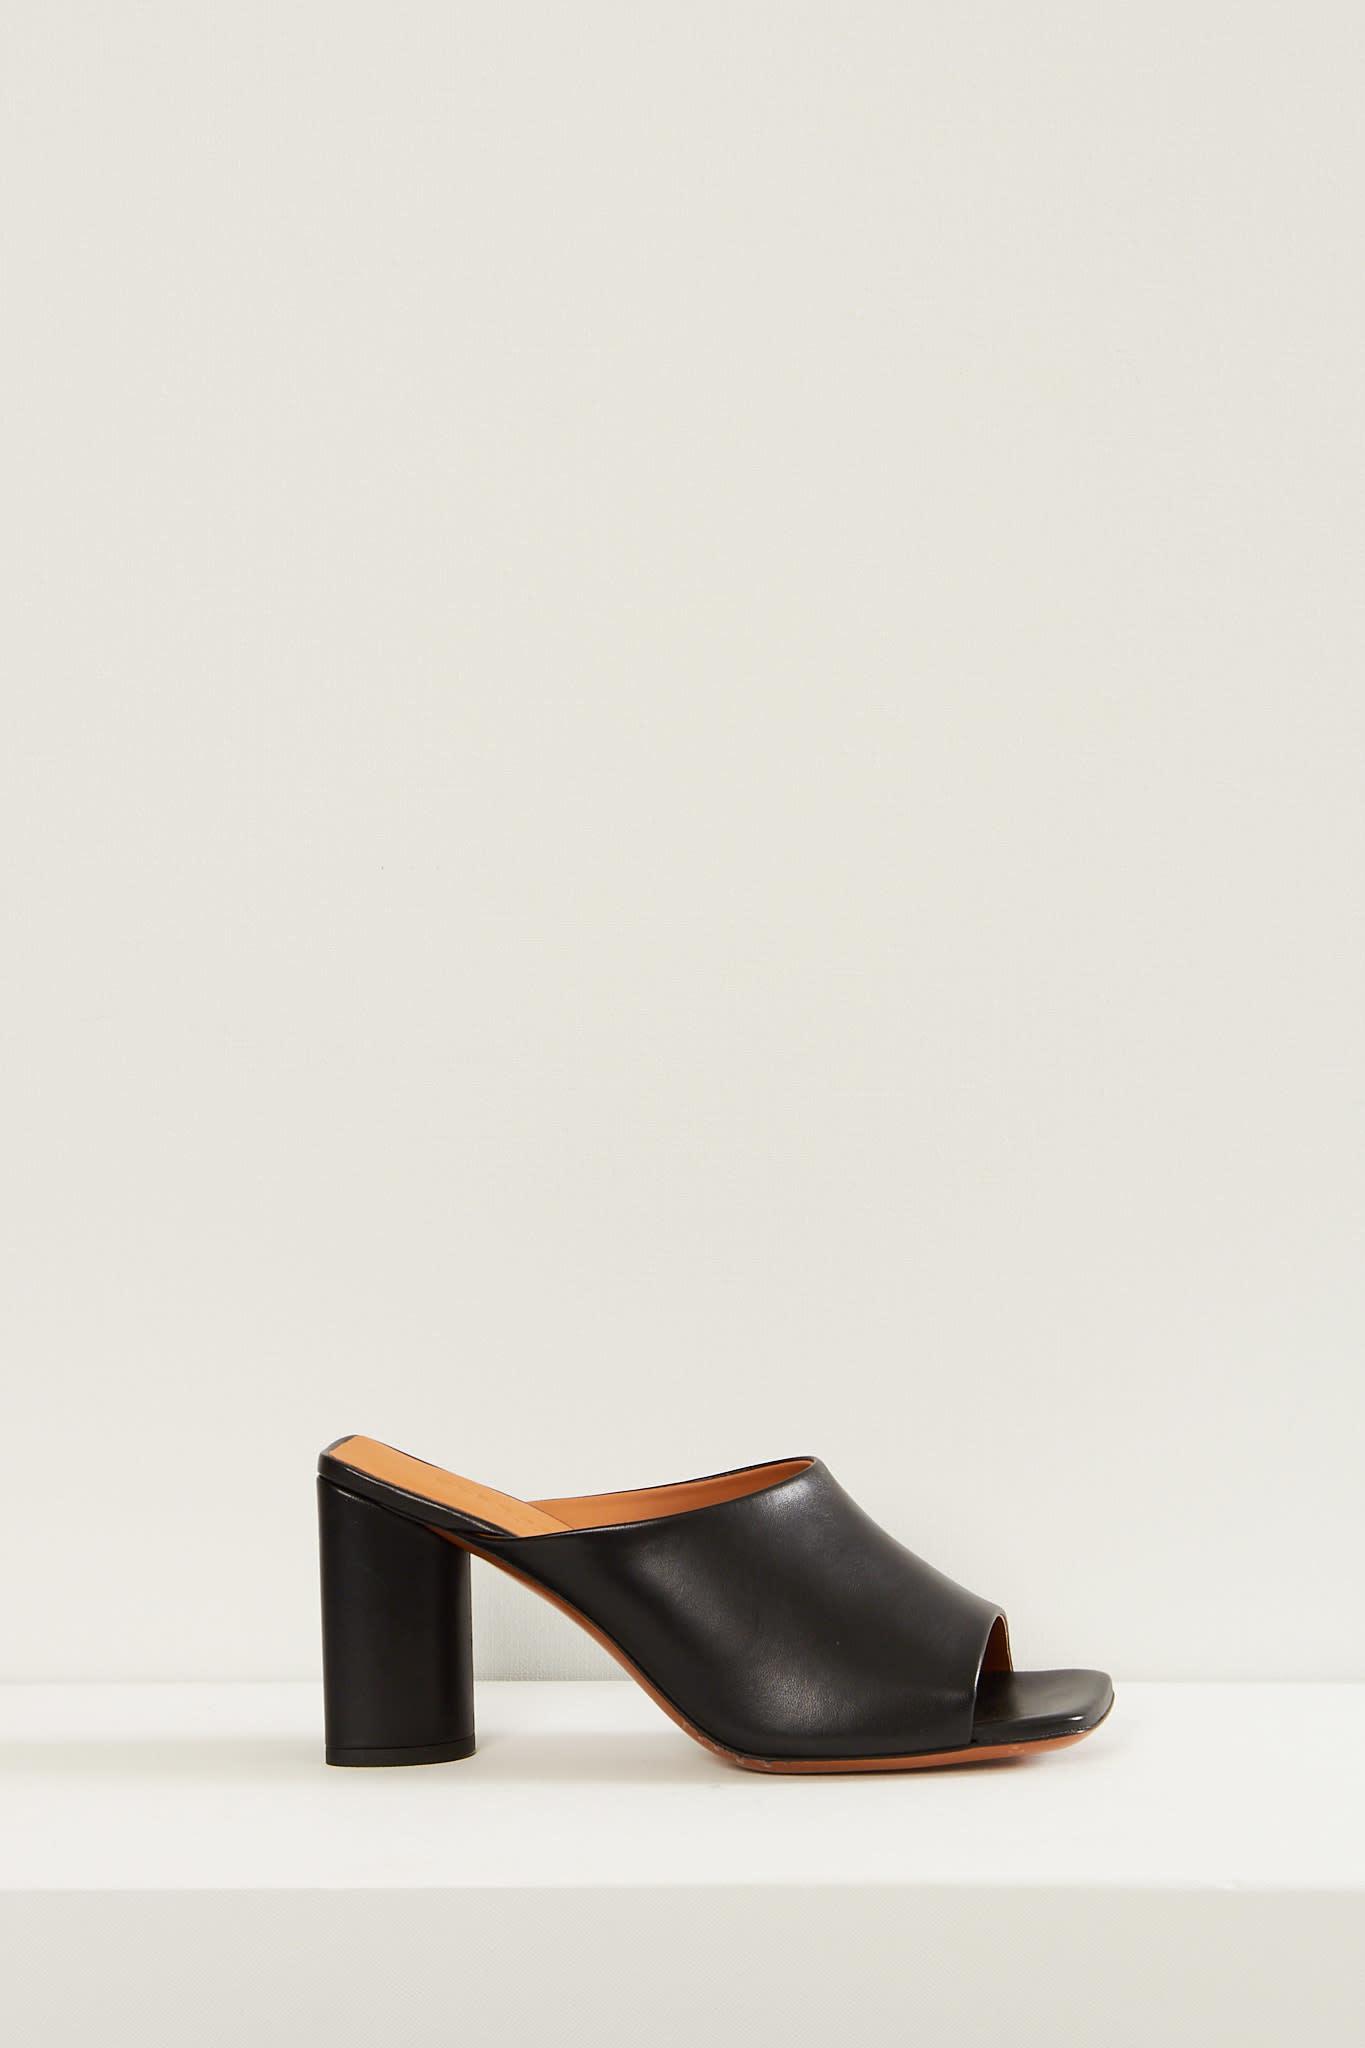 Clergerie - Jodie sandals